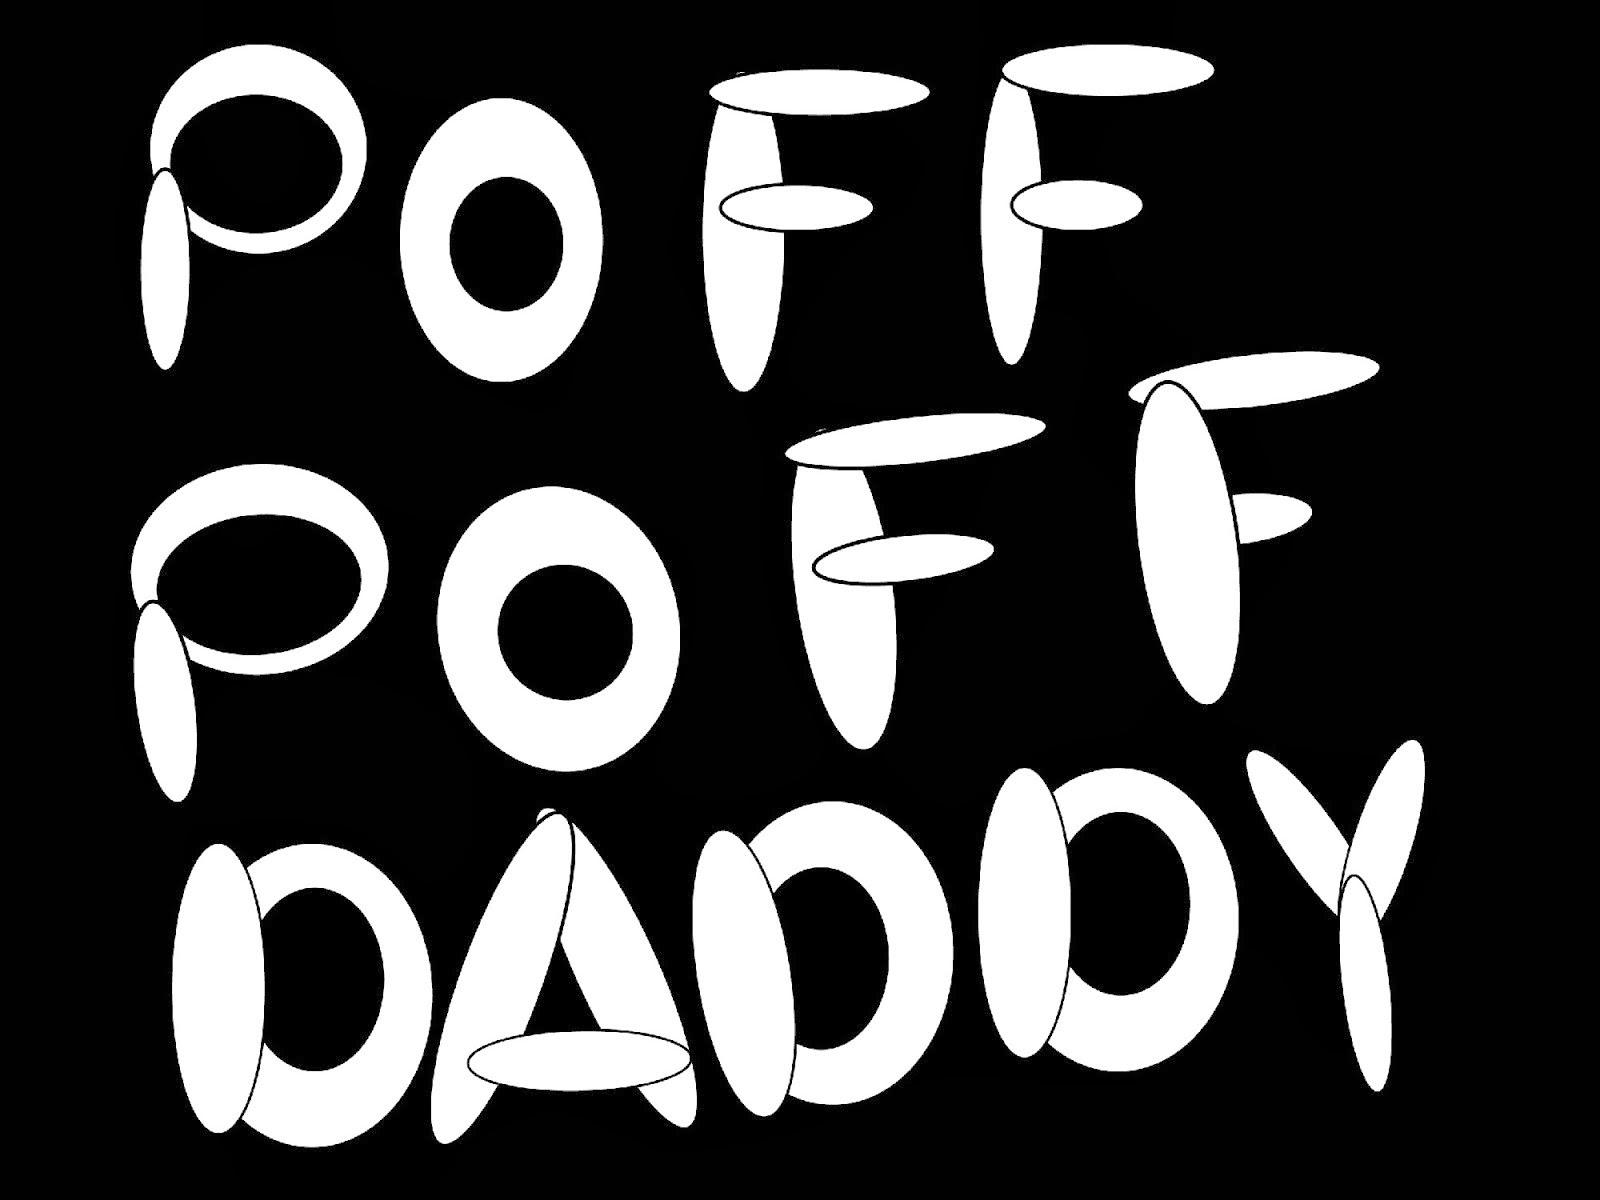 Poff Poff Daddy